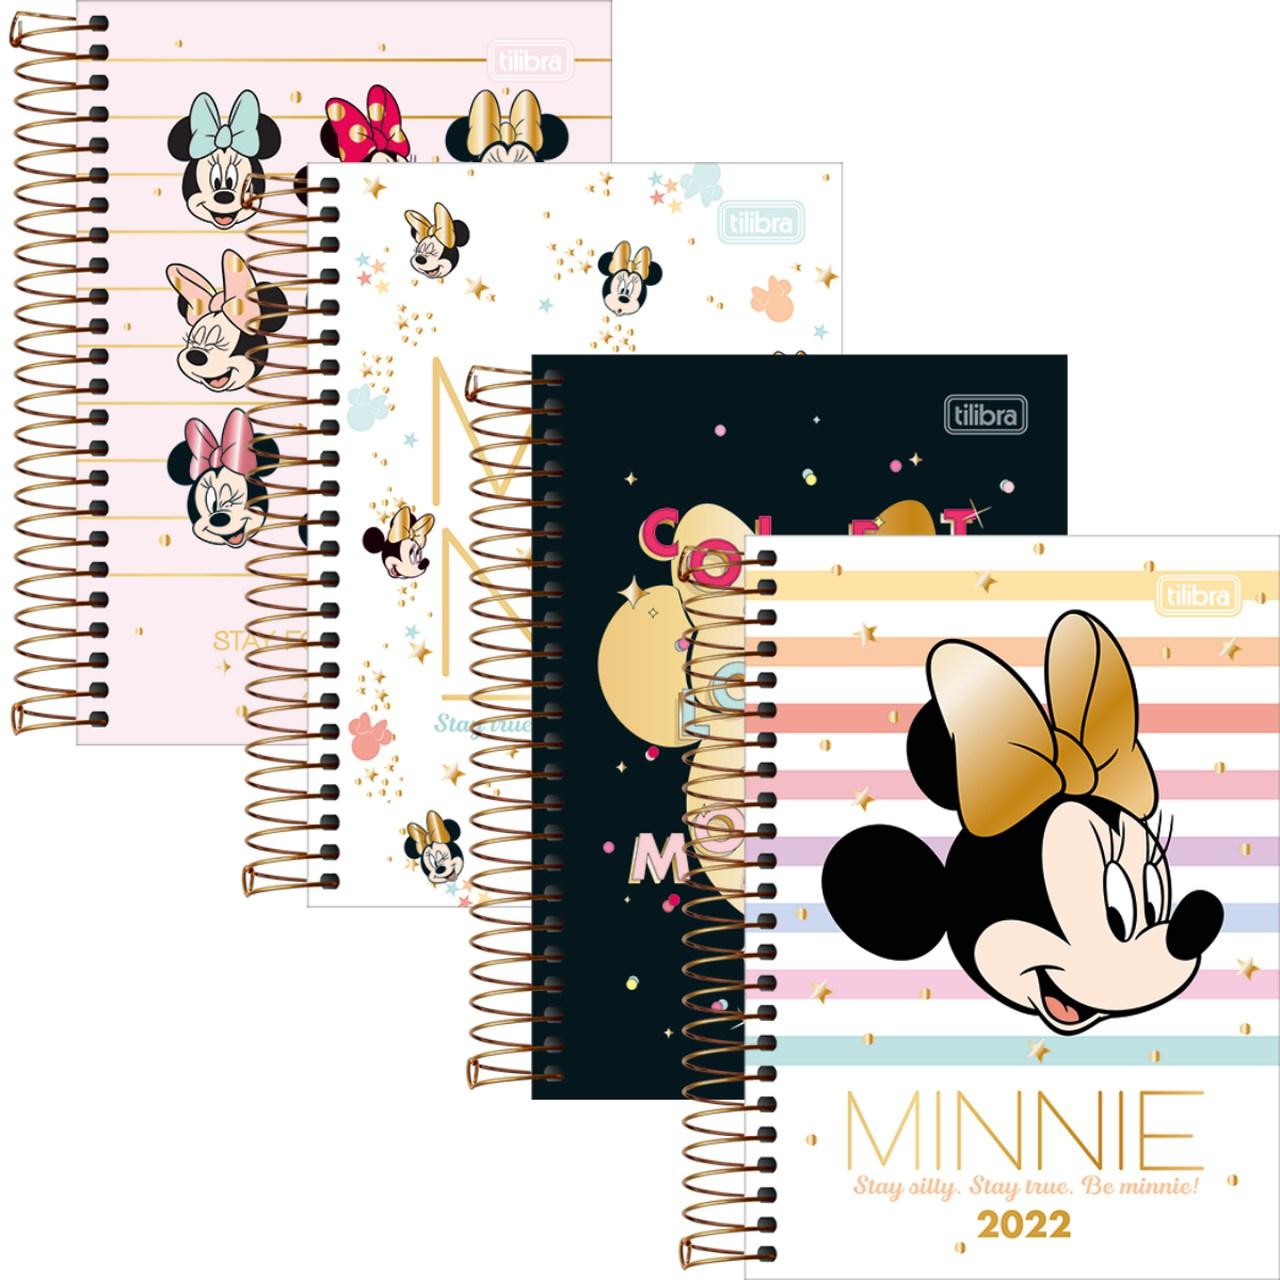 Agenda Minnie Mouse Datado 2022 para Agendamento